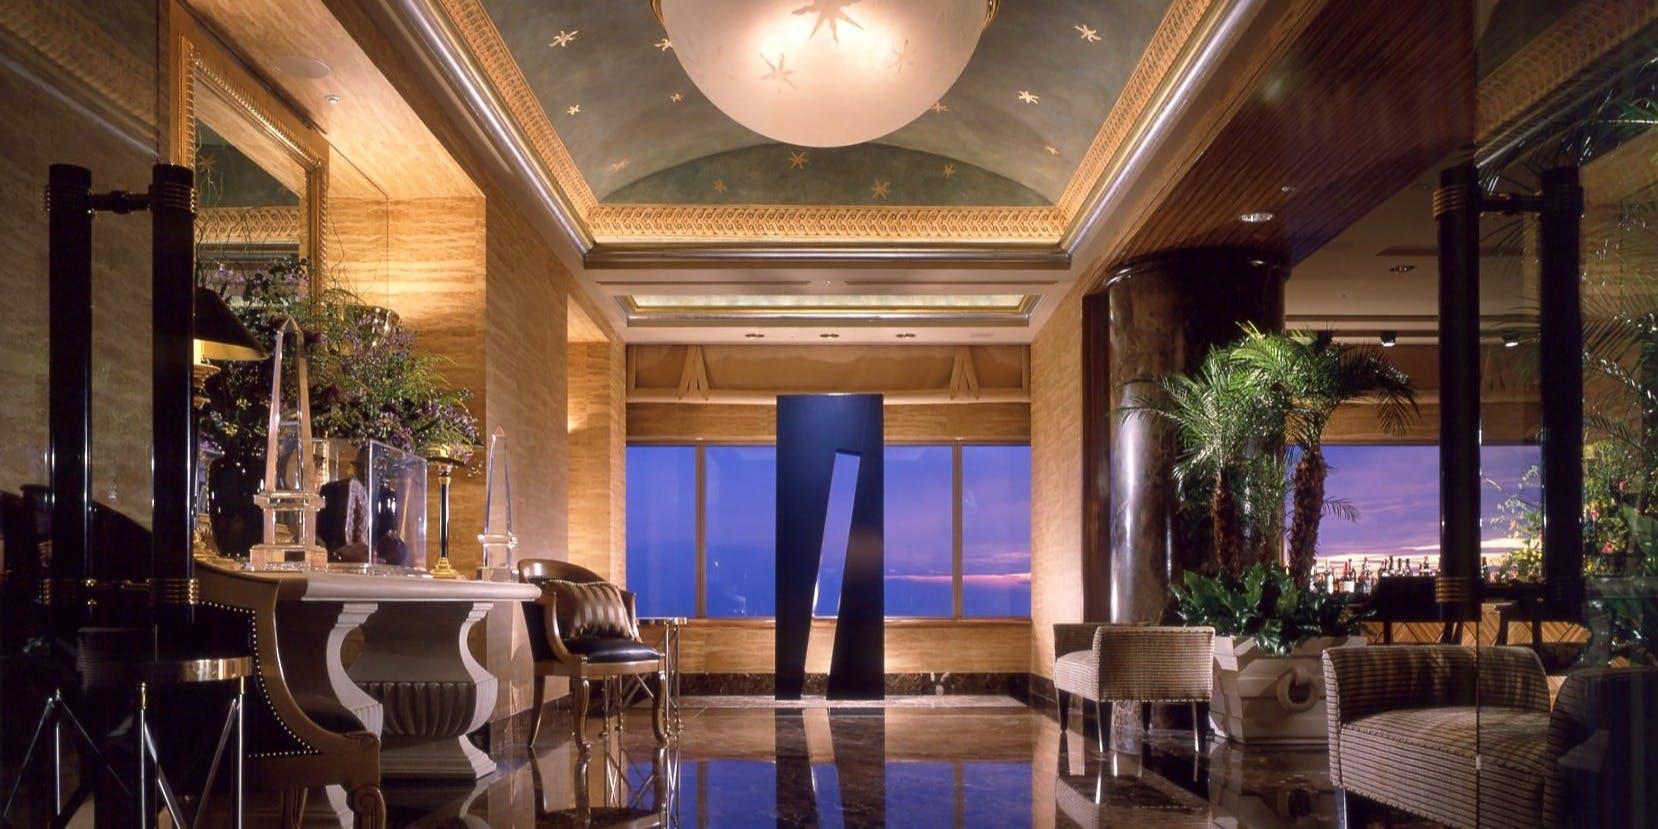 記念日におすすめのレストラン・シリウス/横浜ロイヤルパークホテル 70階の写真2